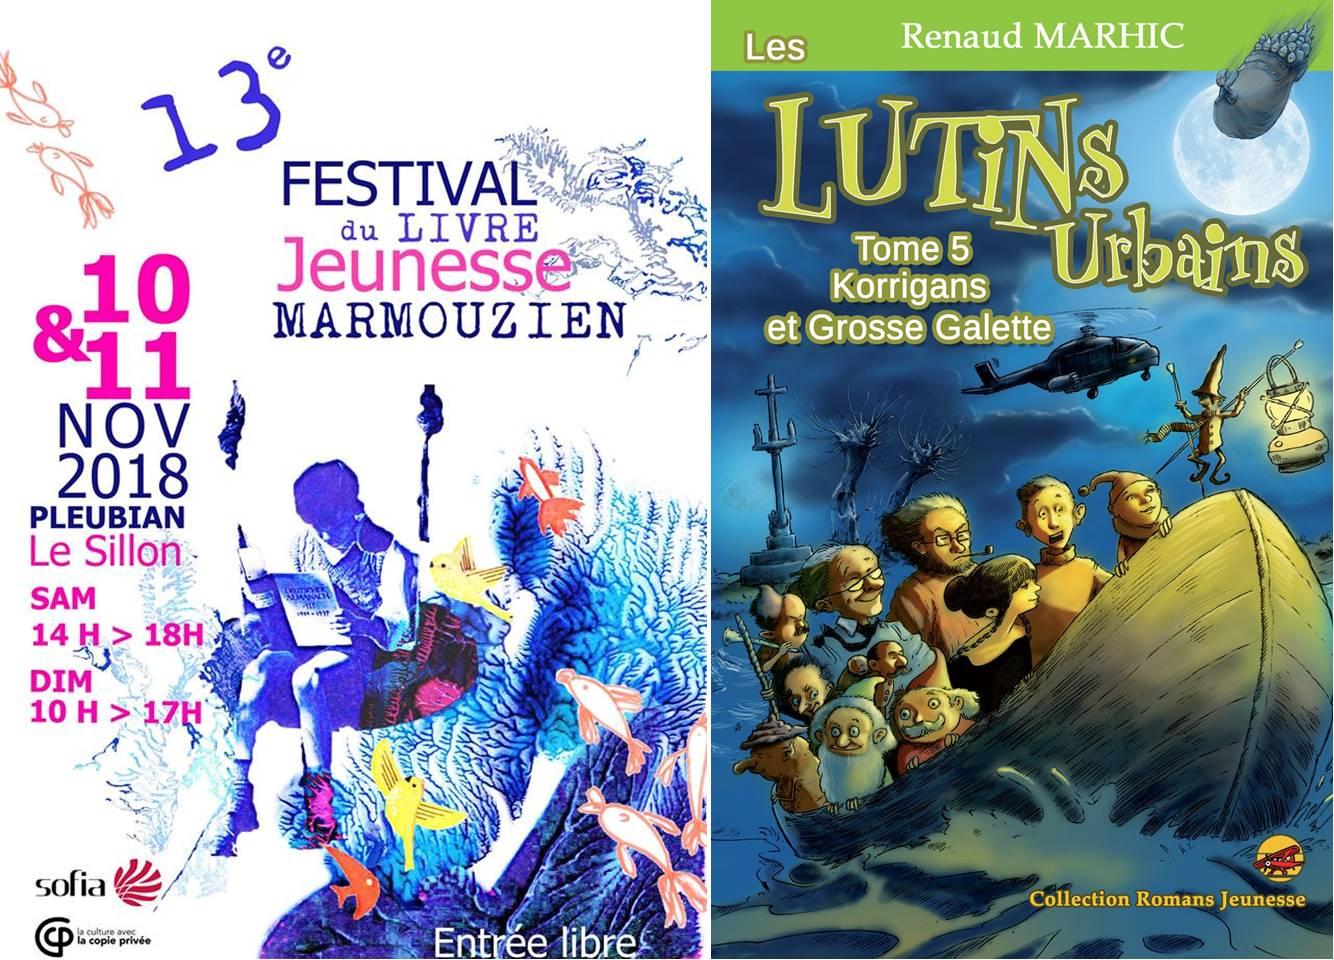 Les Lutins Urbains au Festival du livre jeunesse Les Marmouzien de Pleubian 2019